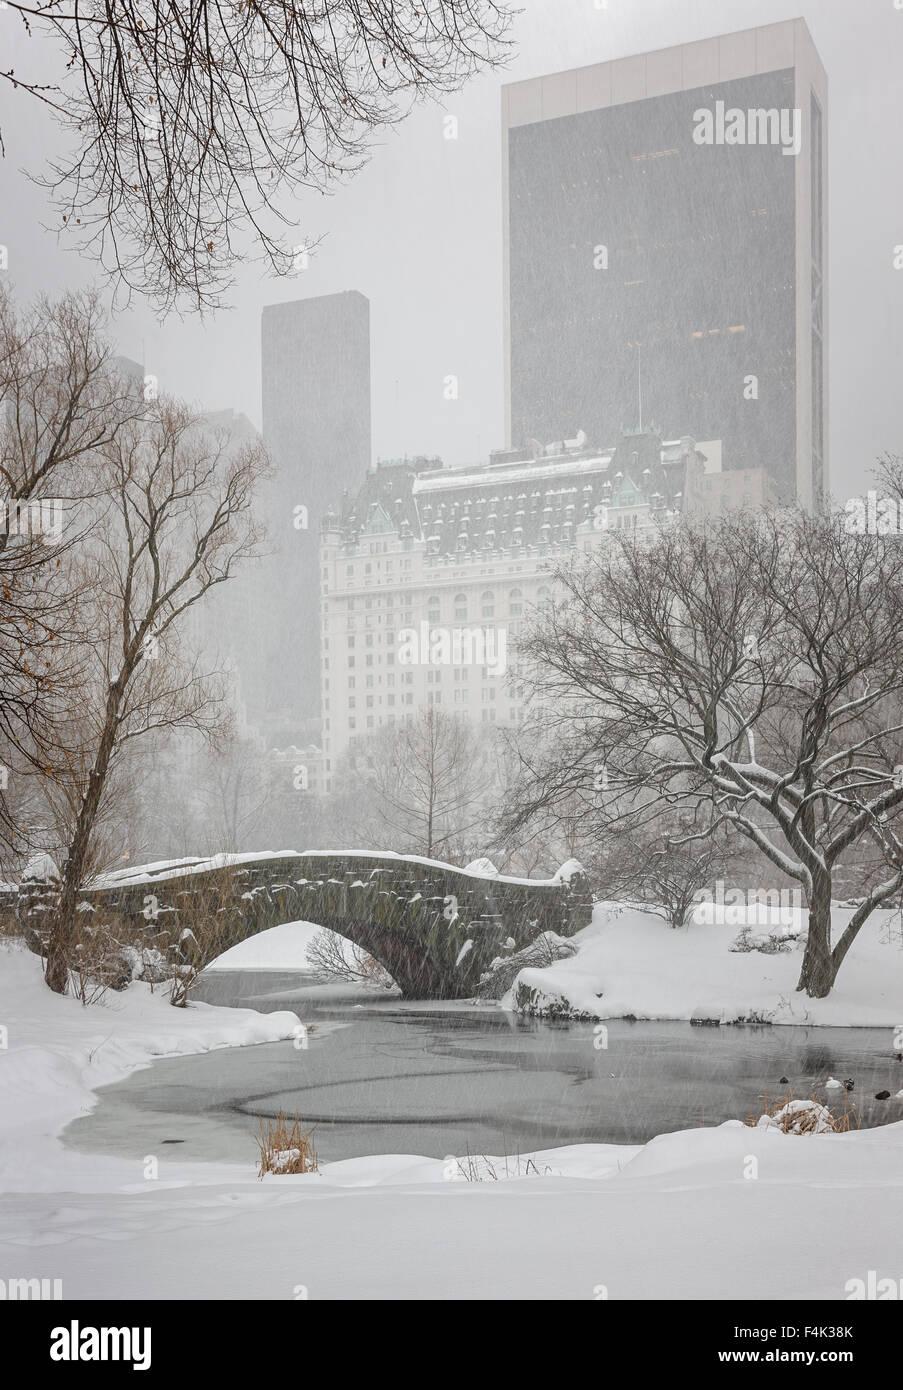 Schneefall am Central Park-Gapstow-Brücke und den Teich. Ruhigen Winterlandschaft mit Blick auf die Wolkenkratzer Stockbild